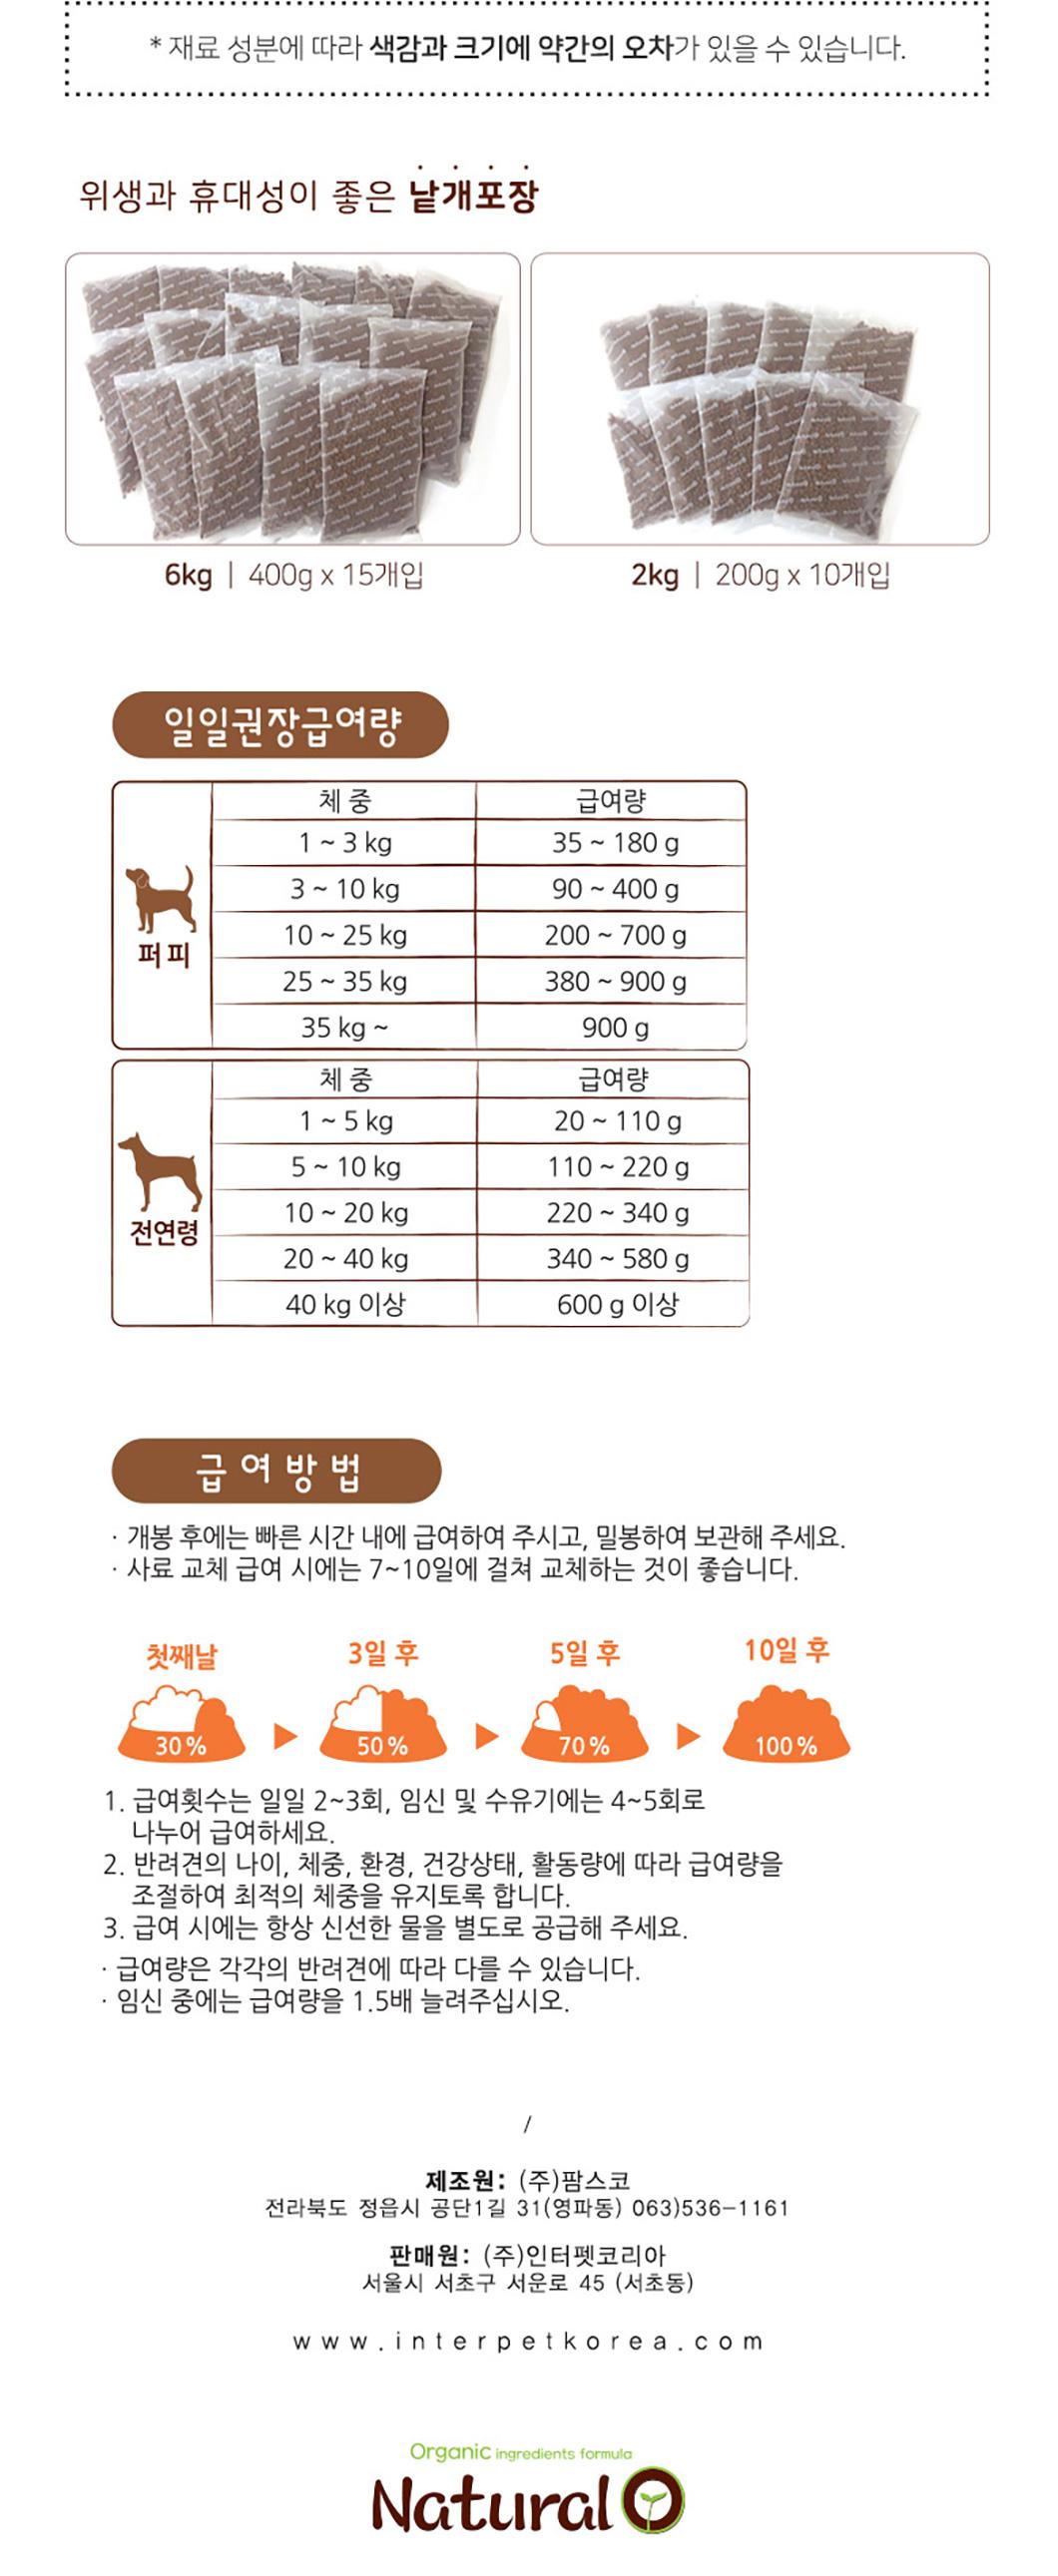 [강아지사료]-네츄럴-오-14종_09.jpg